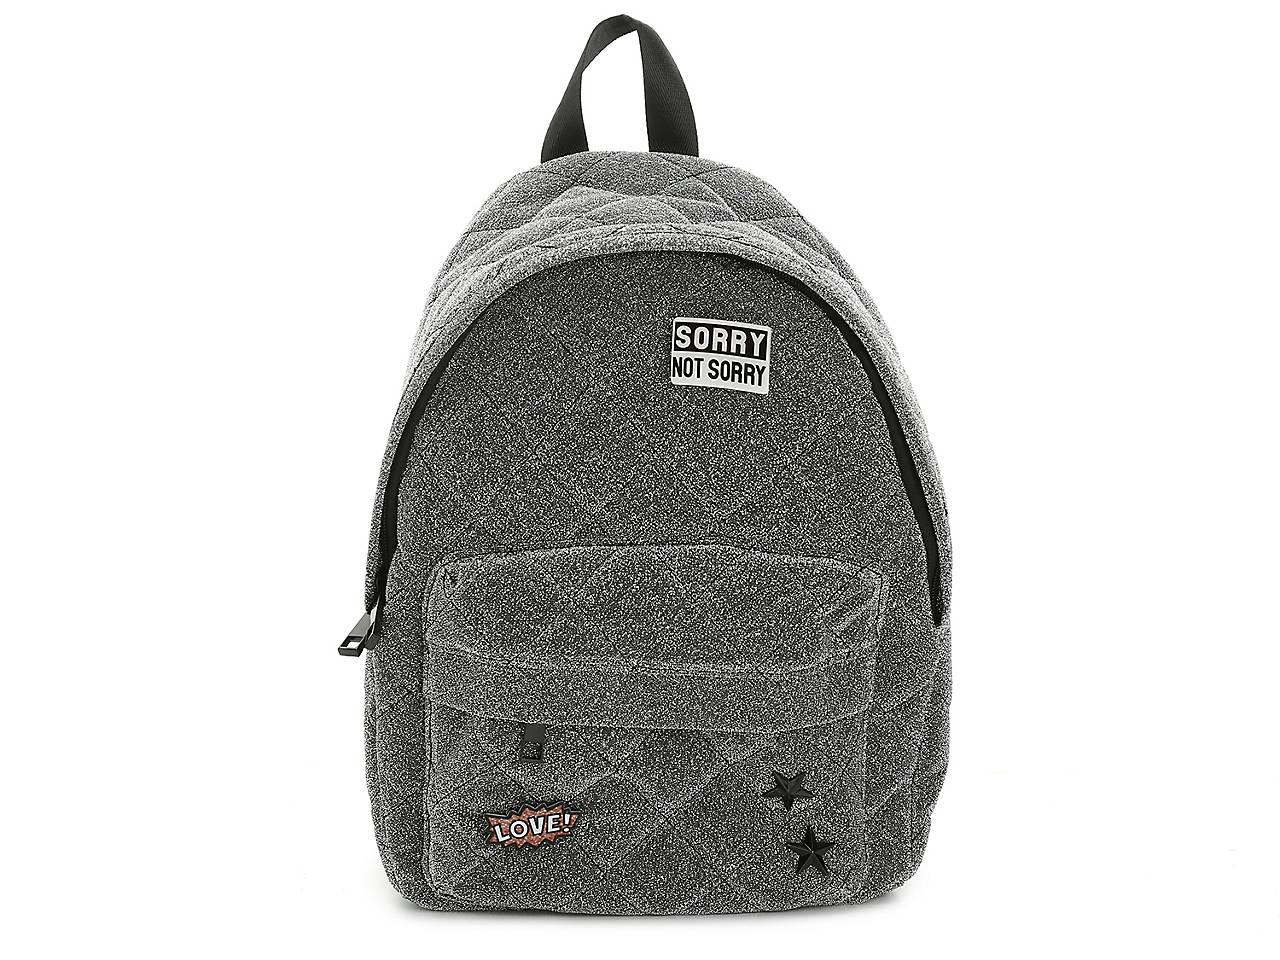 Aldo Abadowet Backpack Women s Handbags   Accessories  ee9999cc93cfe